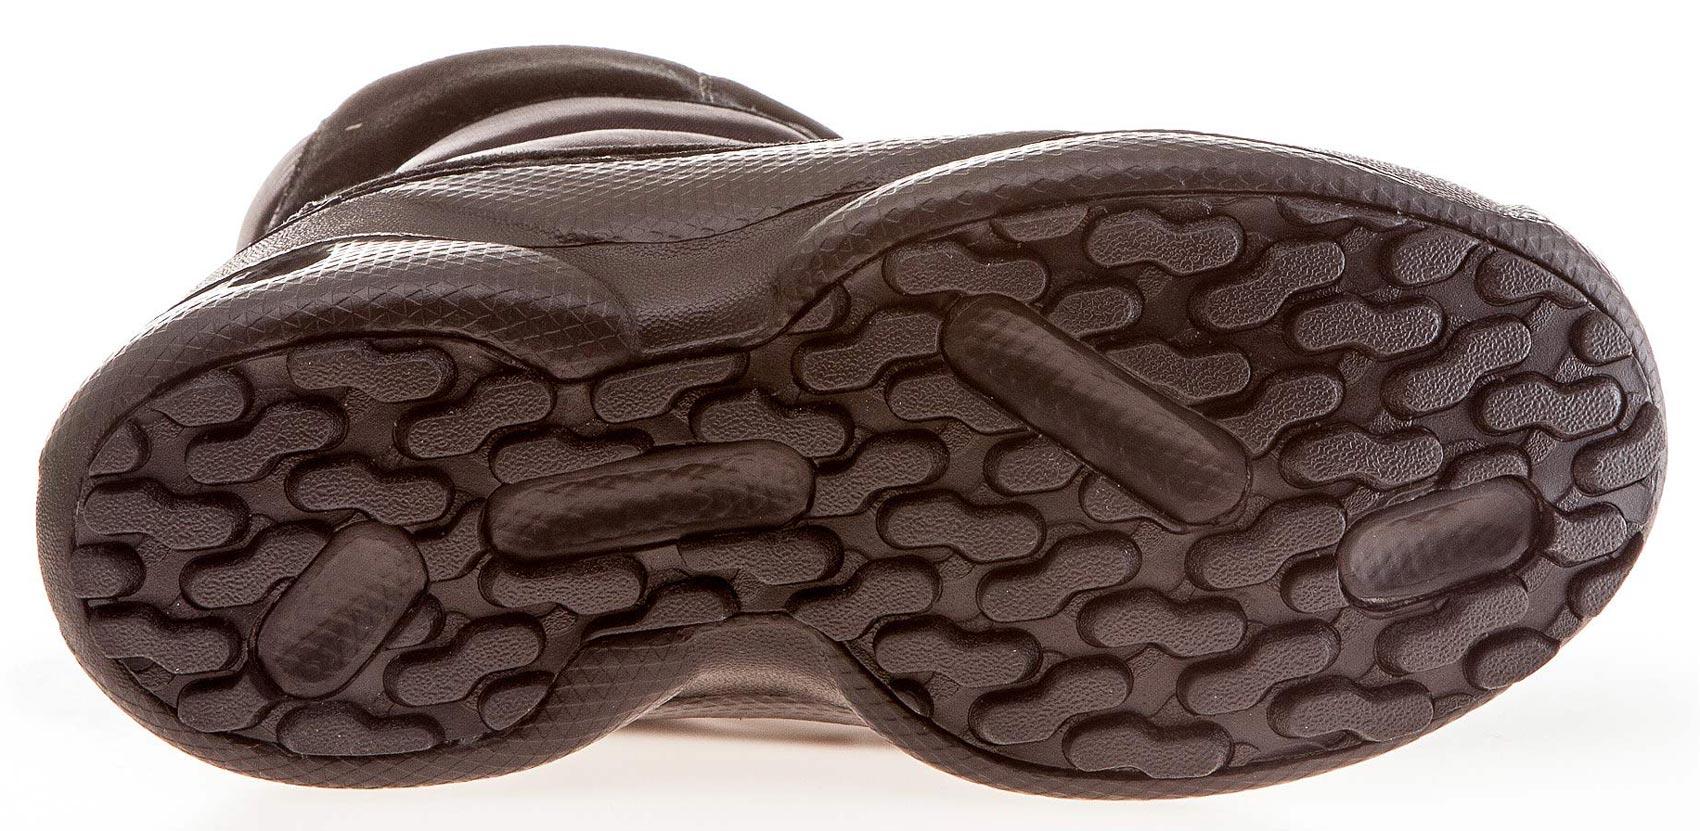 Columbia YOUTH ROPE TOW KIDS. Dětská zimní obuv. Dětská zimní obuv. Dětská  zimní obuv. Dětská zimní obuv cbe0638c86